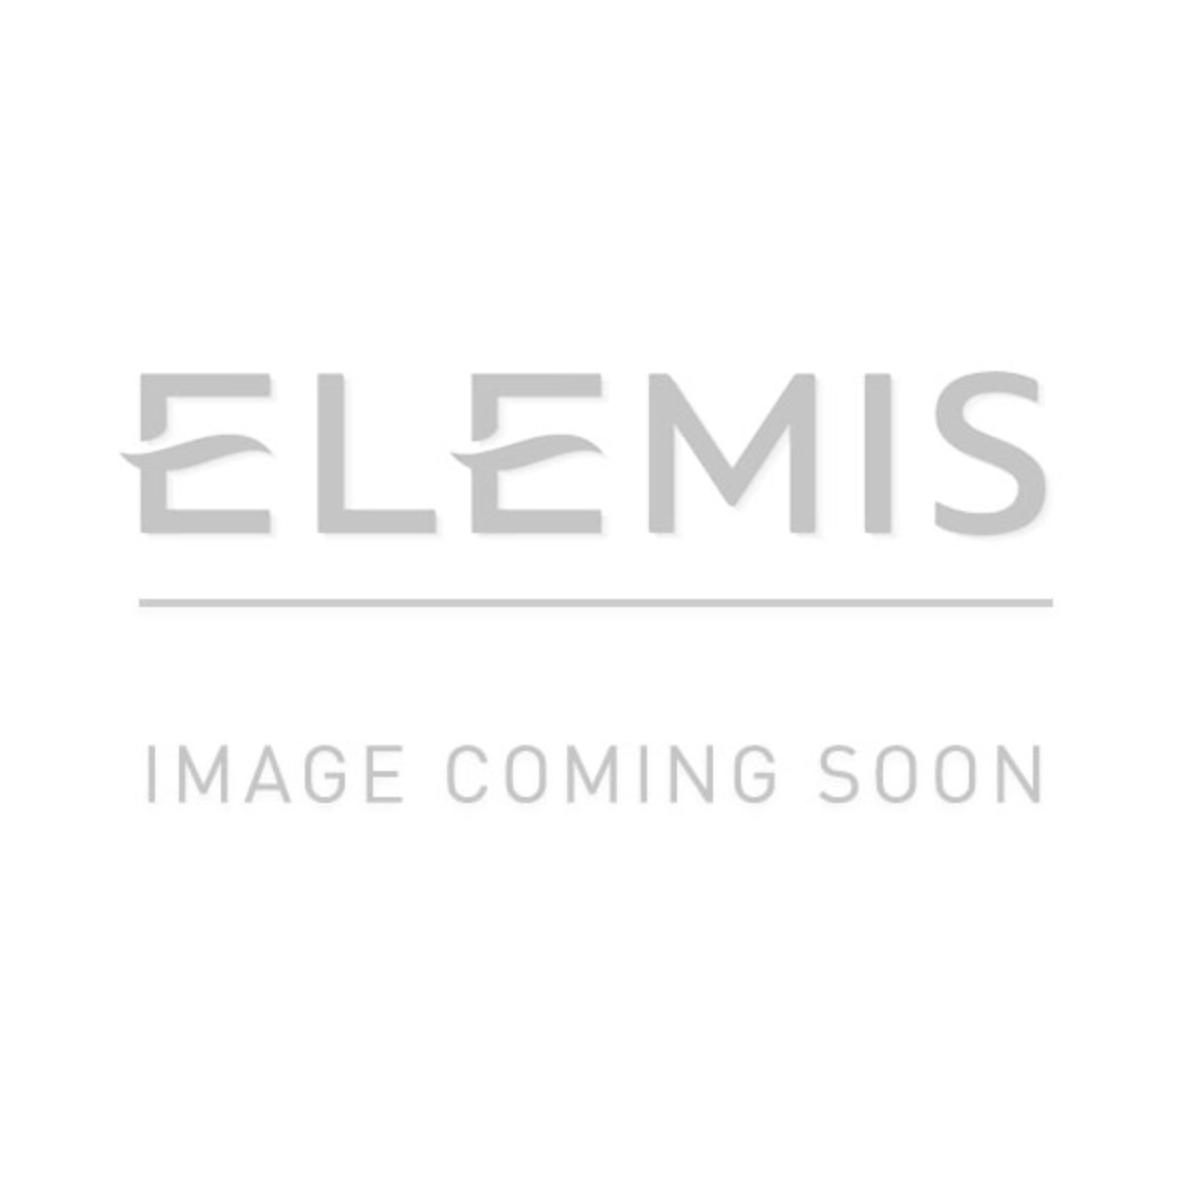 ELEMIS Pro Collagen Marine Mask 50ml